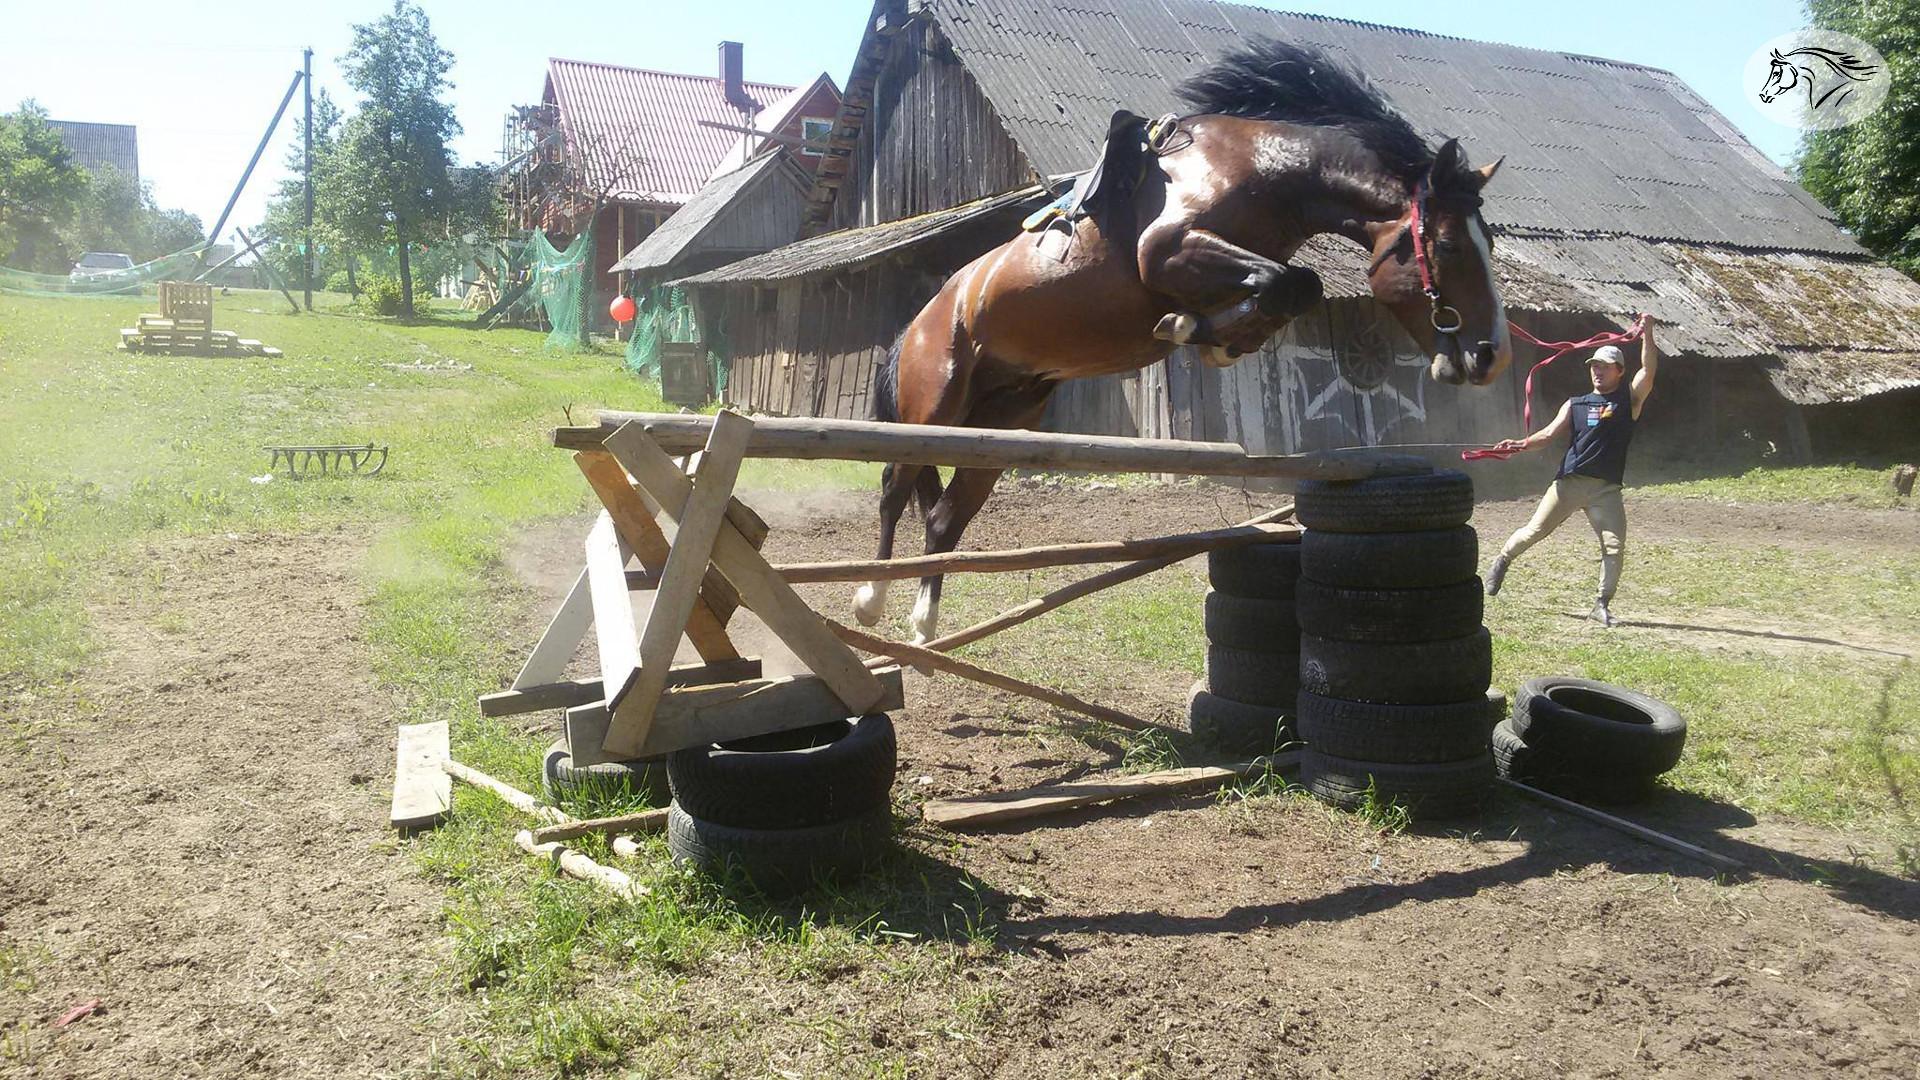 Paslauga - Žirgų treniravimas, priežiūra, gardų nuoma